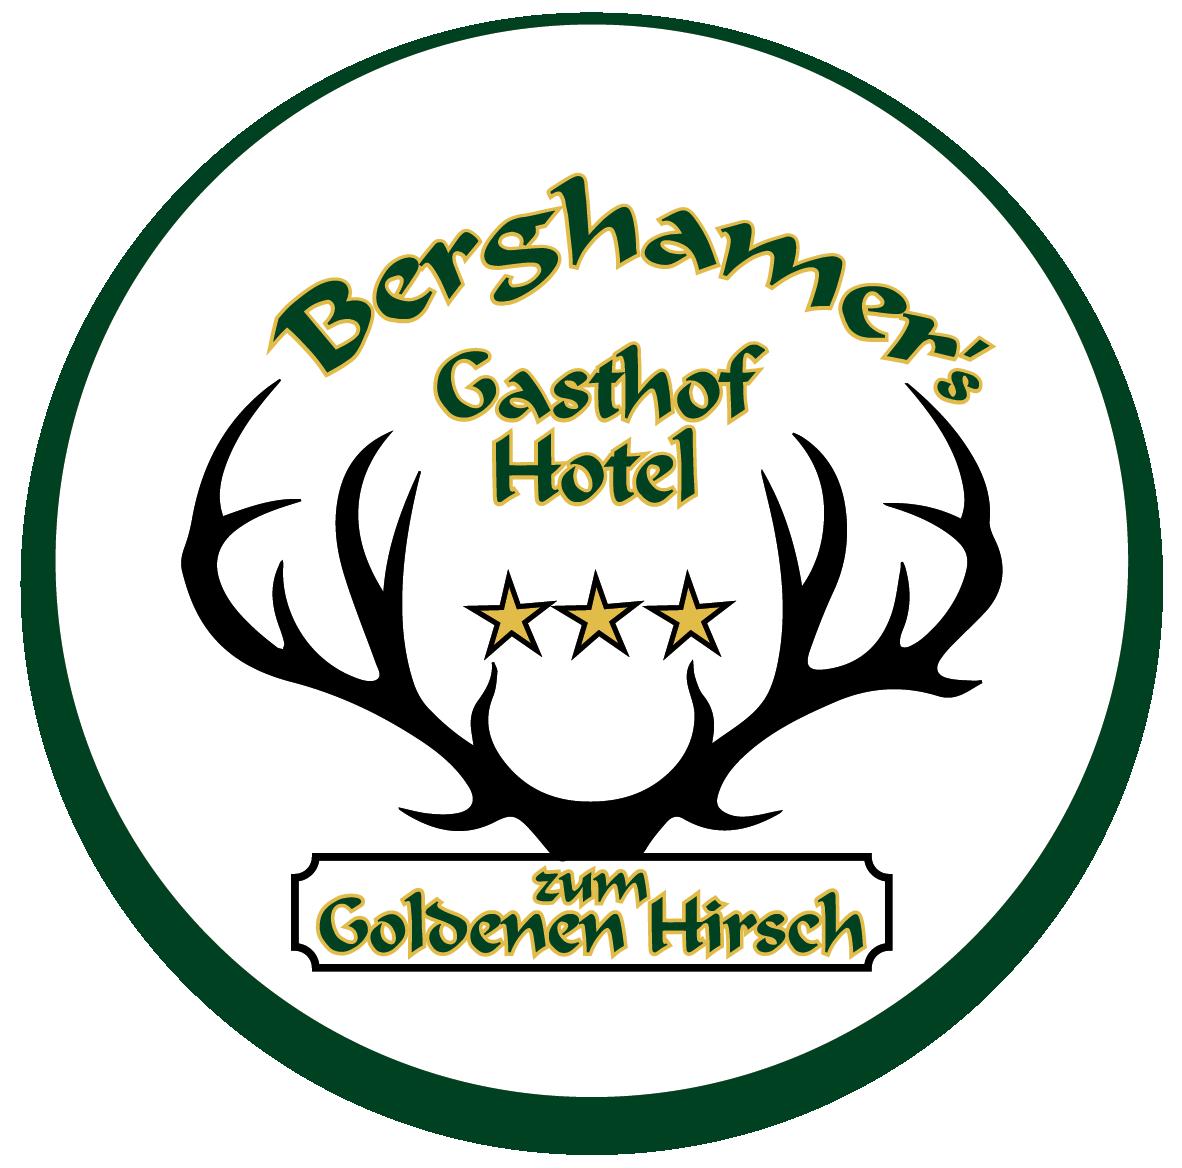 Berghamer`s Gasthof Hotel *** | Genuss in Neukirchen am Walde | In Neukirchen am Walde im Bezirk Grieskirchen erwartet Sie eine traditionelle Küche mit Hausmannskost in einem modernen Ambiente sowie Einzel- und Doppelzimmer.